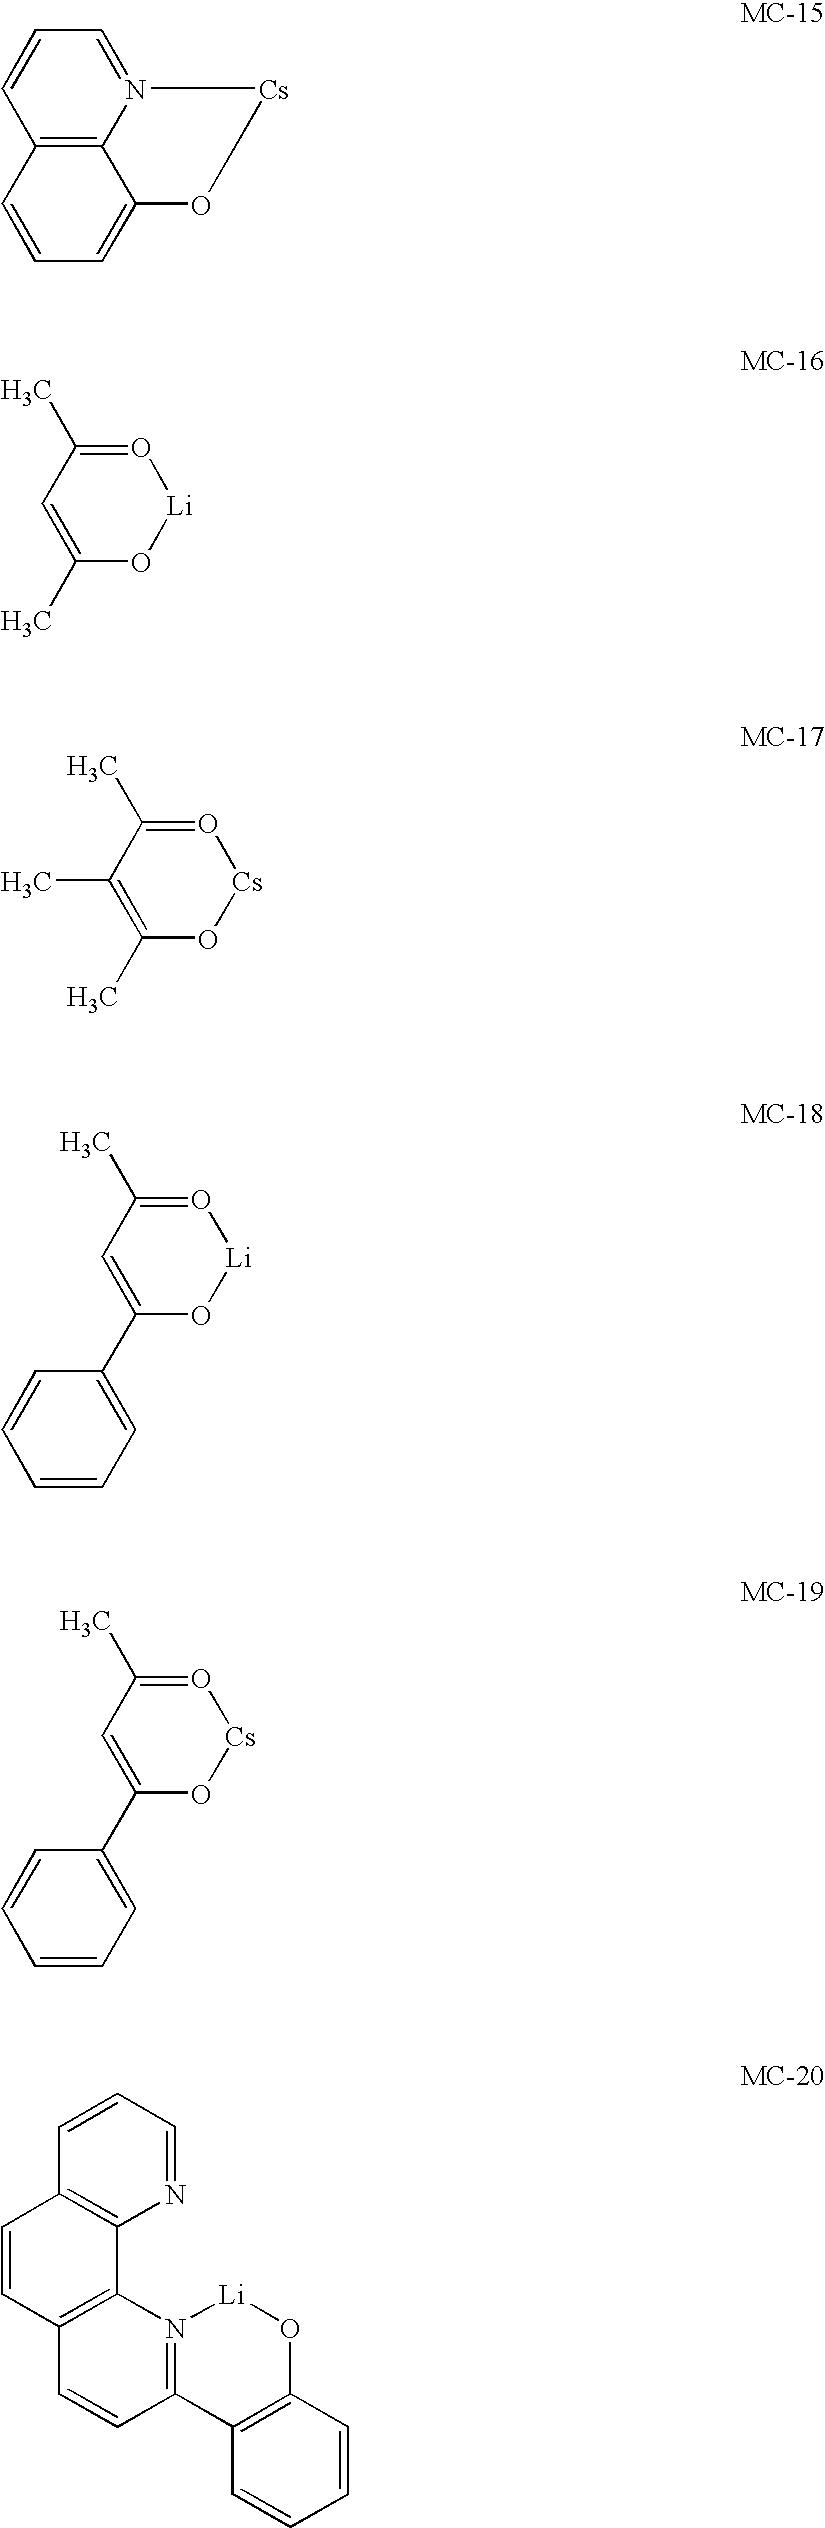 Figure US20090162612A1-20090625-C00006